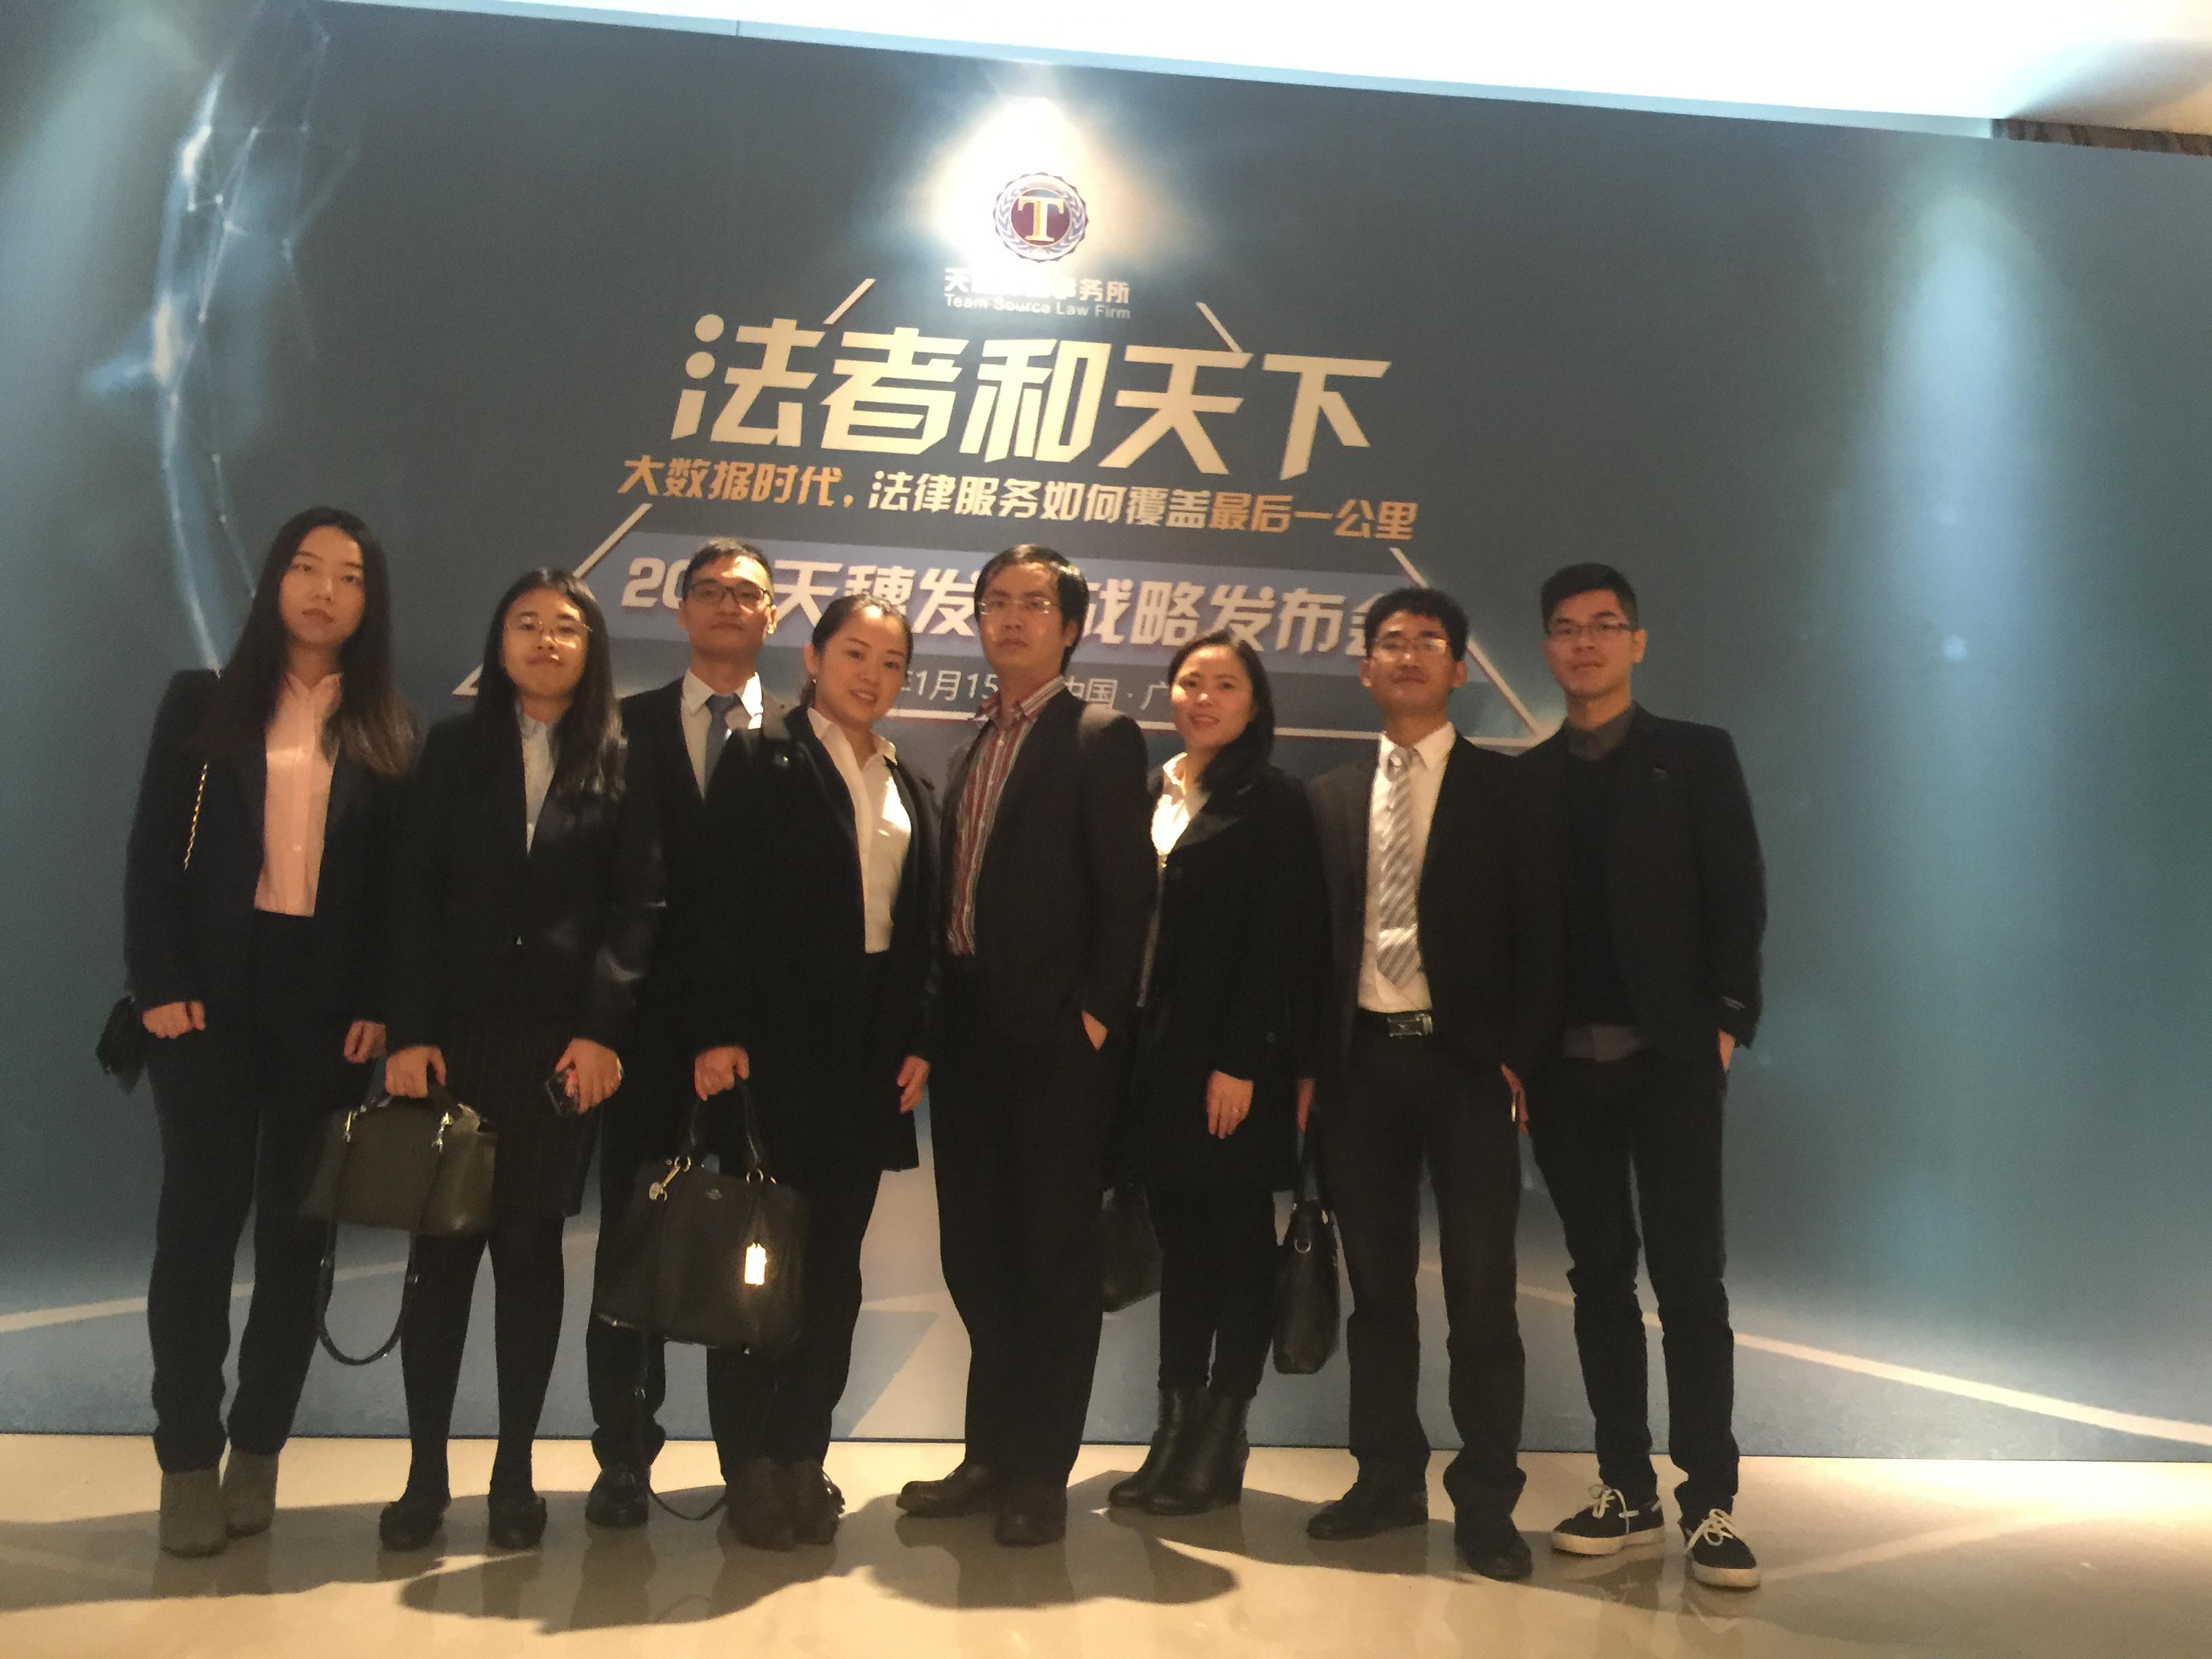 马俊哲律师团队参加会议进行合影